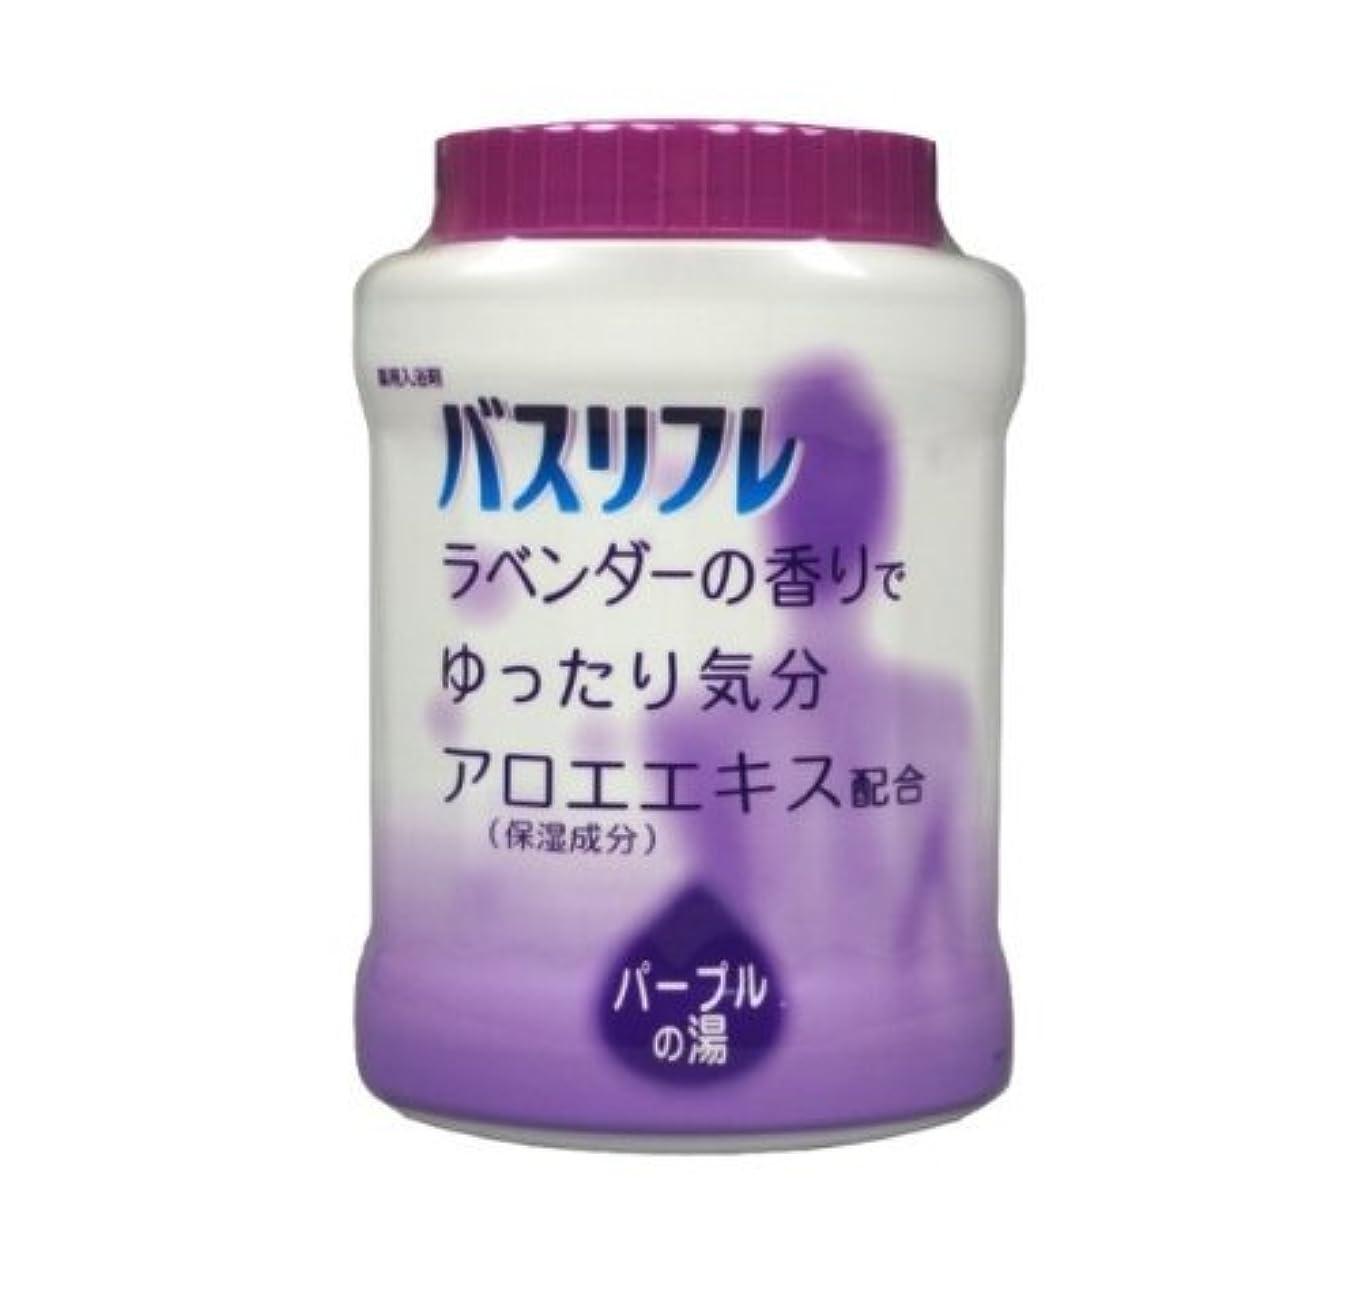 道徳教育負荷牧草地バスリフレ 薬用入浴剤 ラベンダーの香り 680G Japan